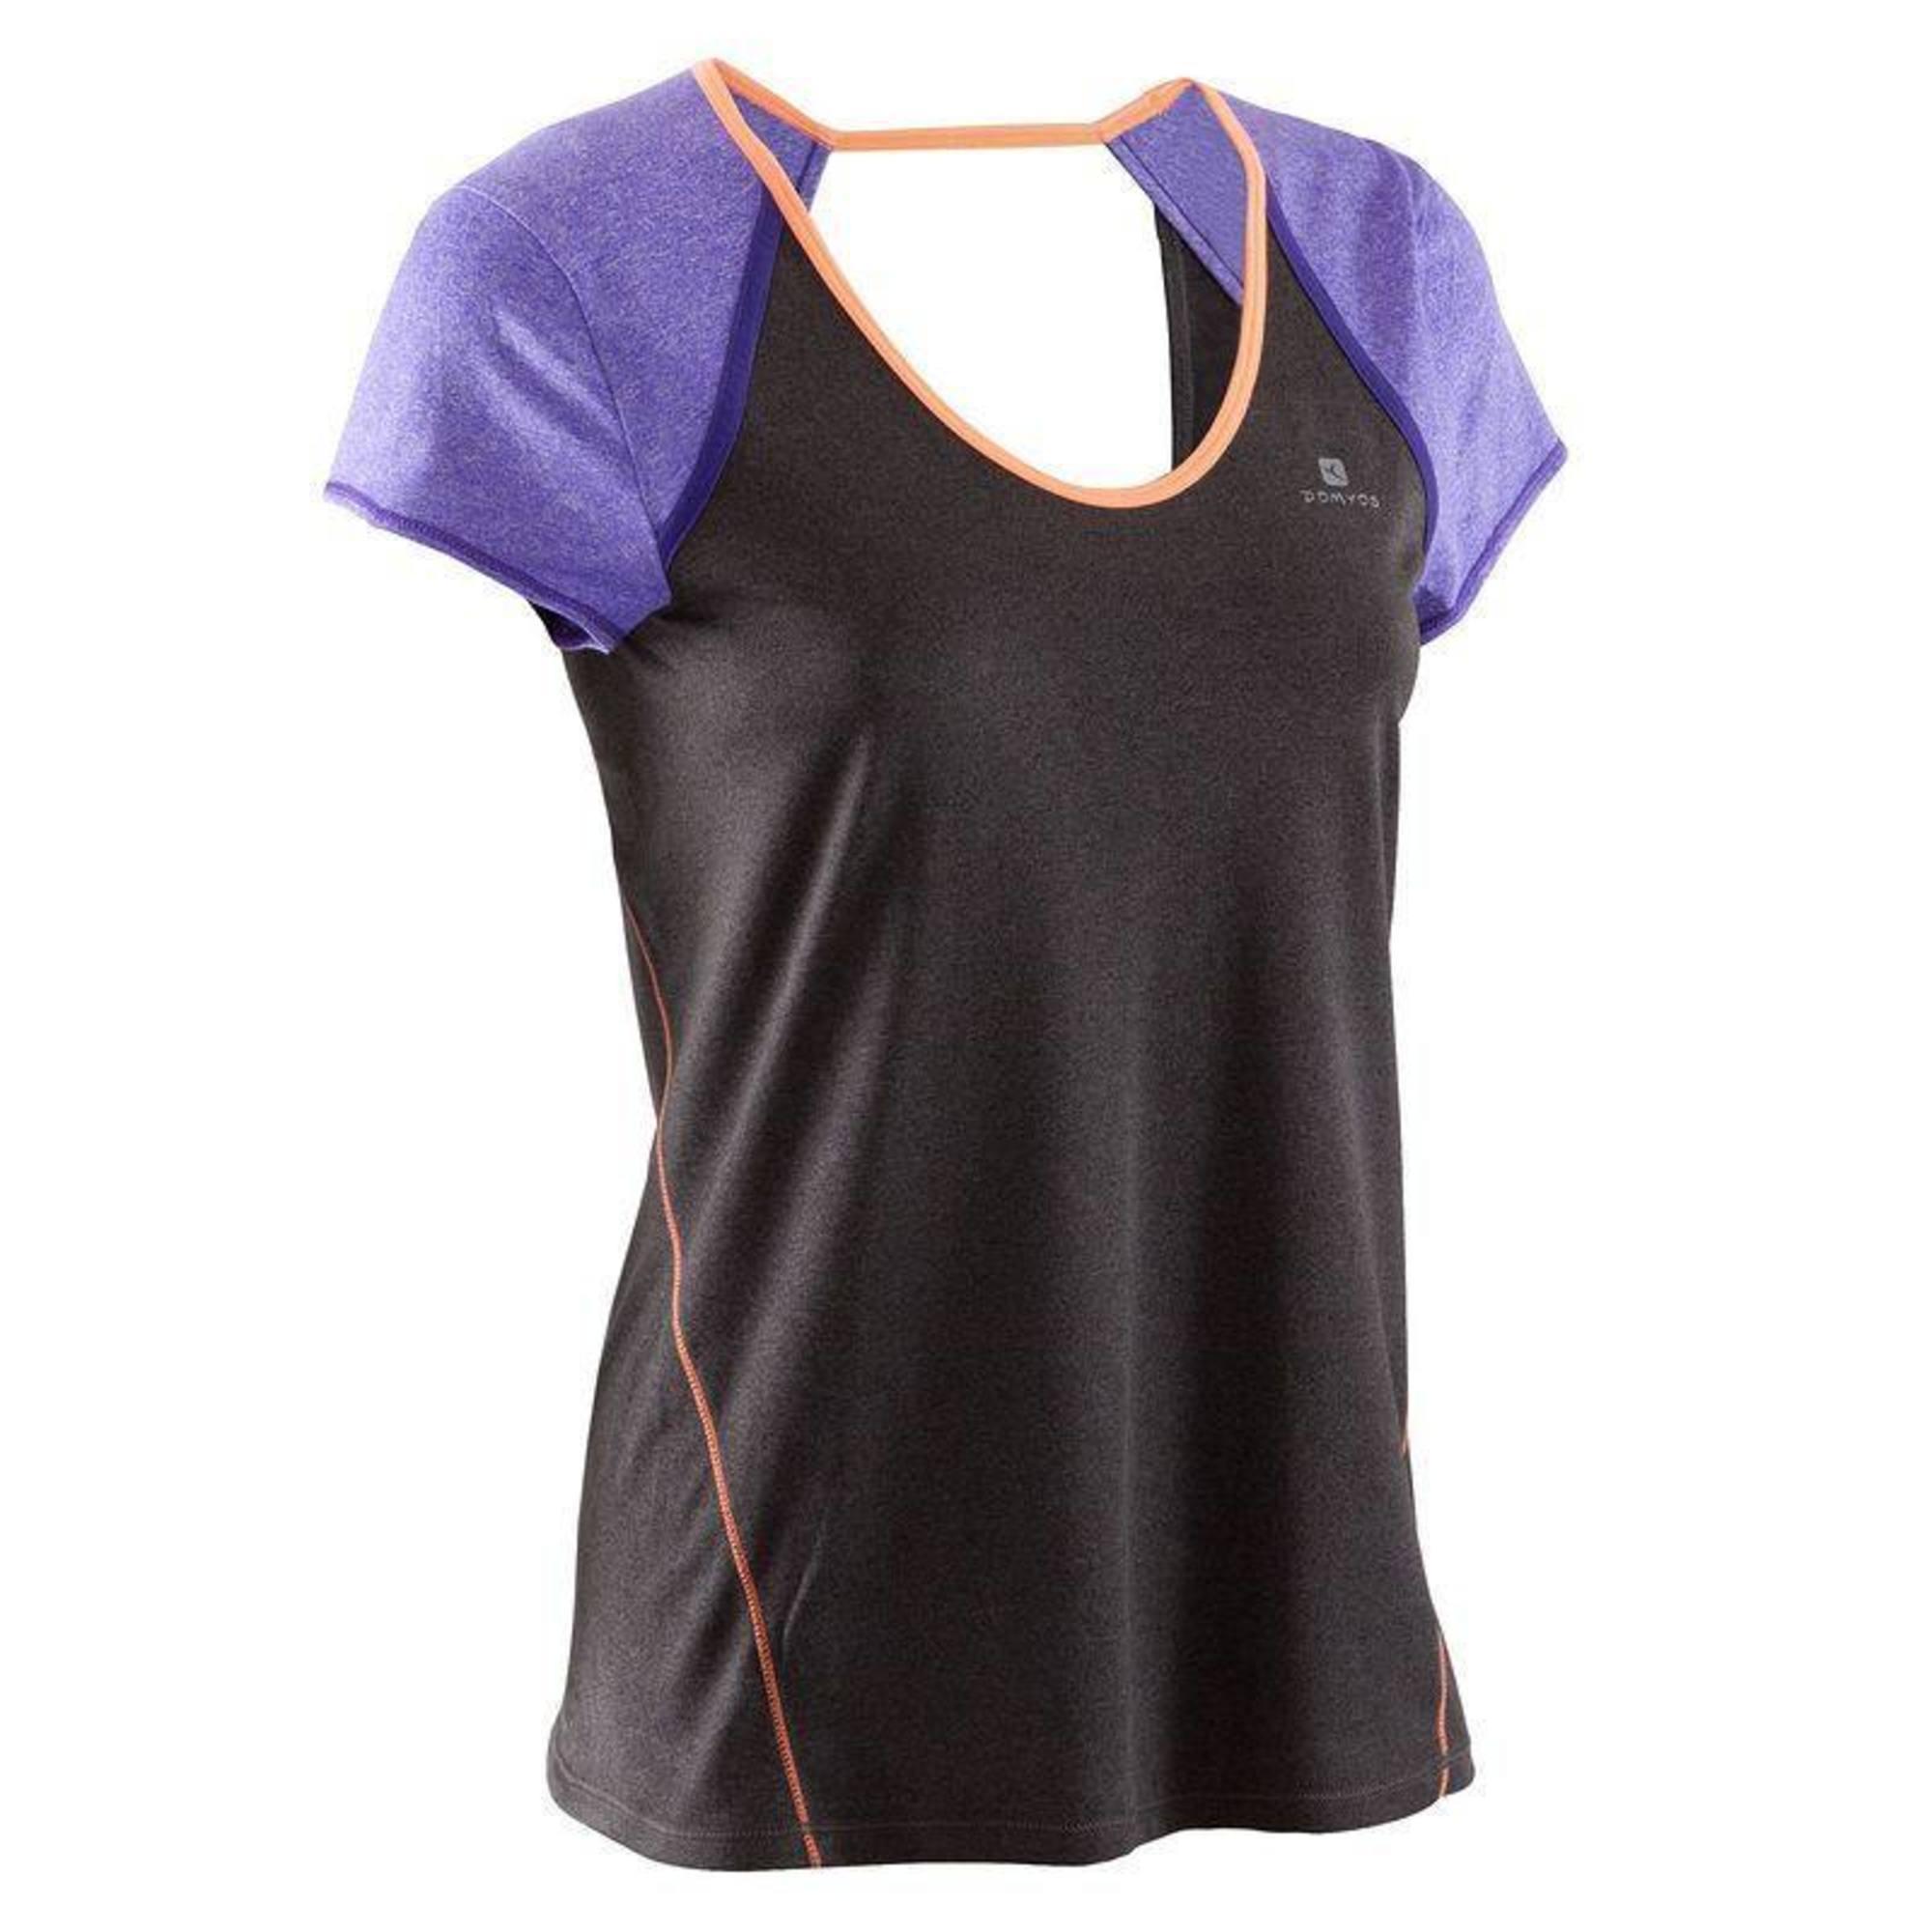 Running Mode Femme Et Decathlon Vetement Fitness Legging TRw6qxf 1e5ba1672bc